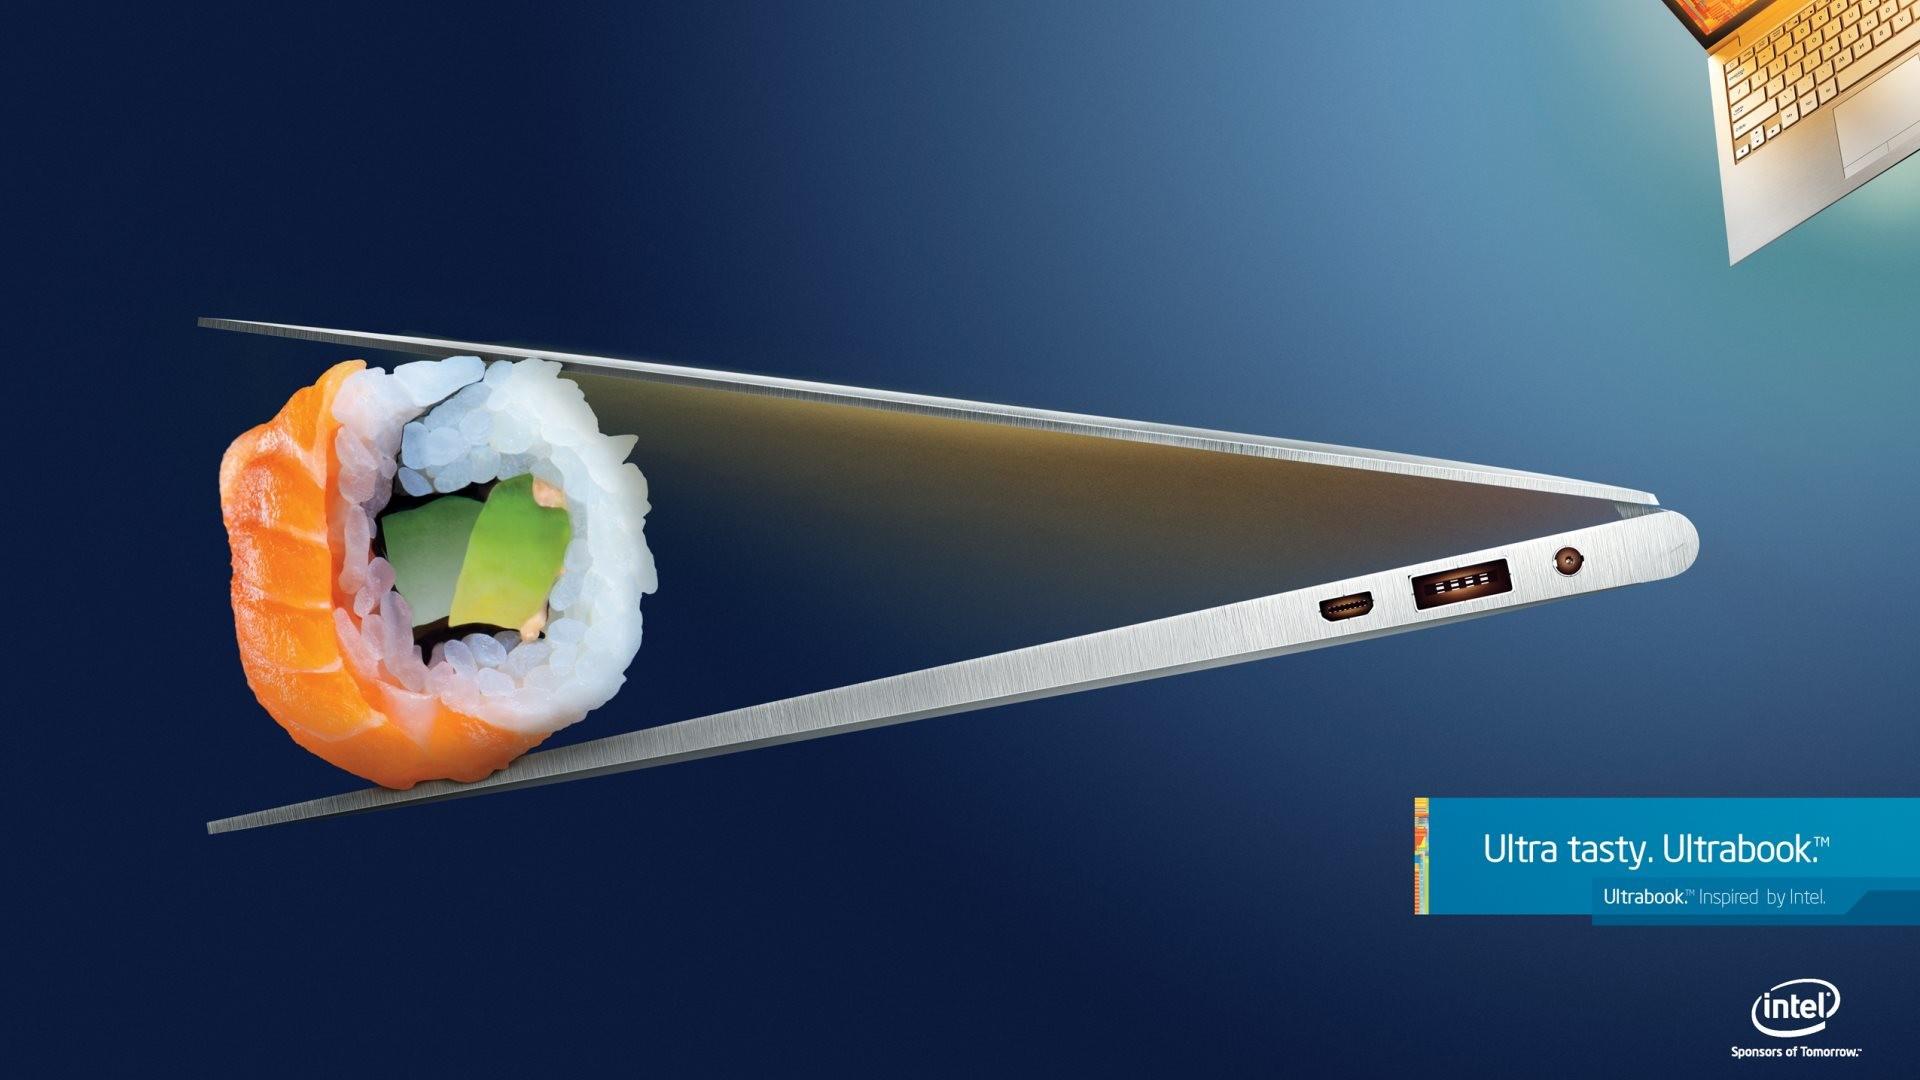 Wallpaper: Intel Ultrabook. High Definition HD 1920×1080